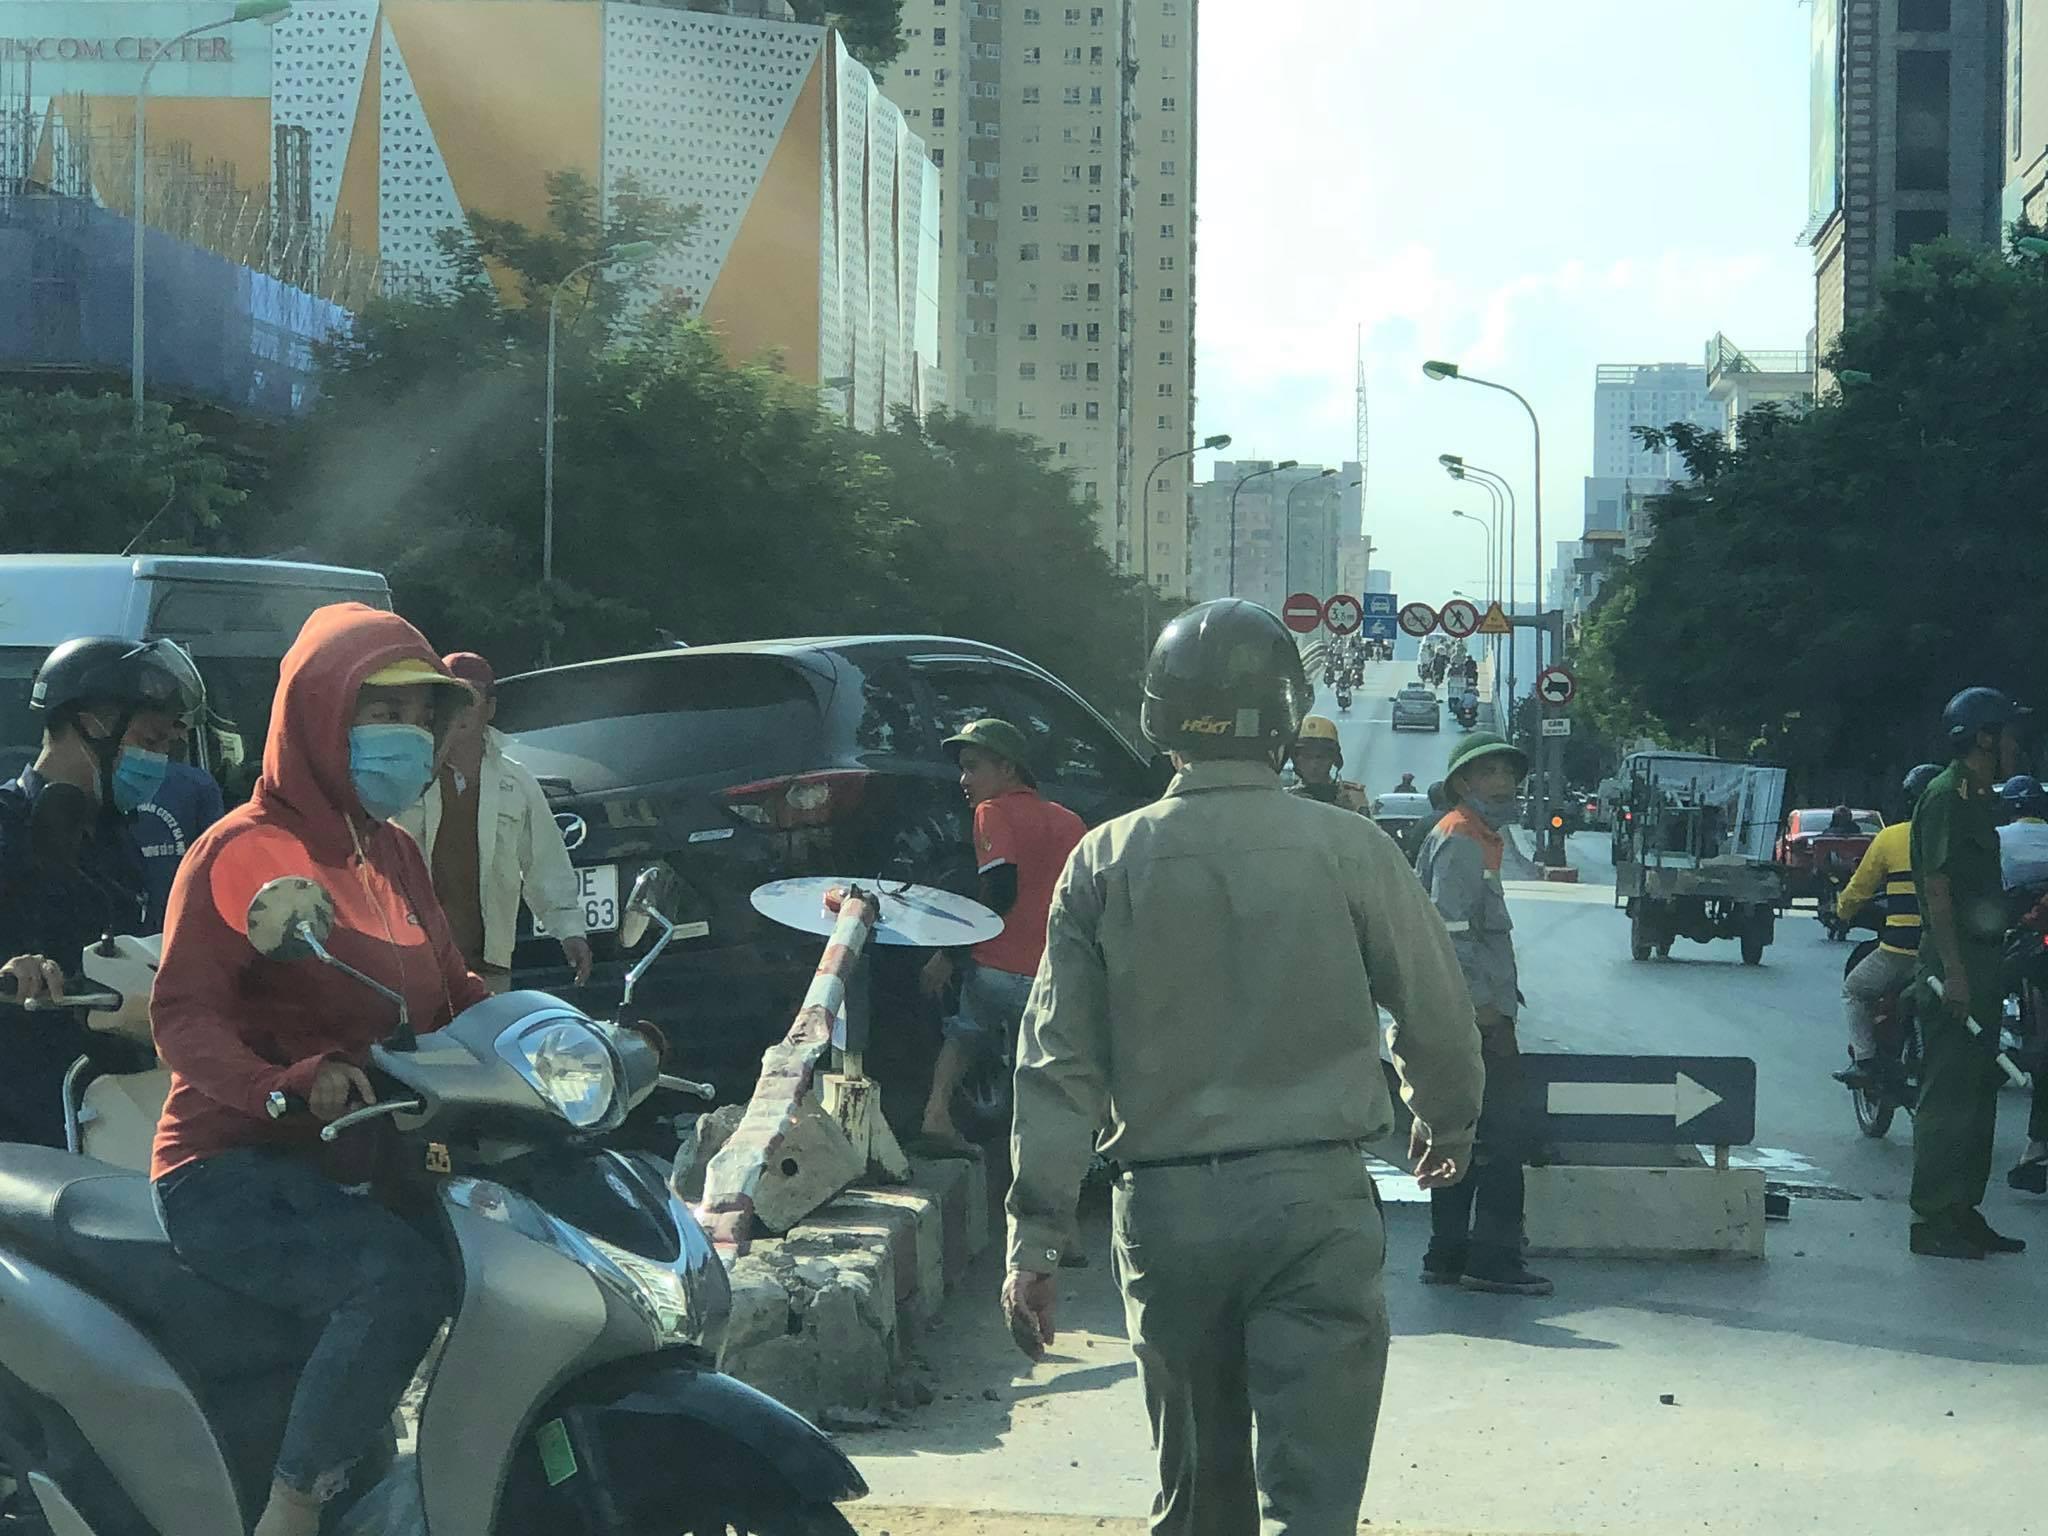 Hà Nội: 'Xế hộp' húc tung dải phân cách trên đường Hoàng Minh Giám Ảnh 3